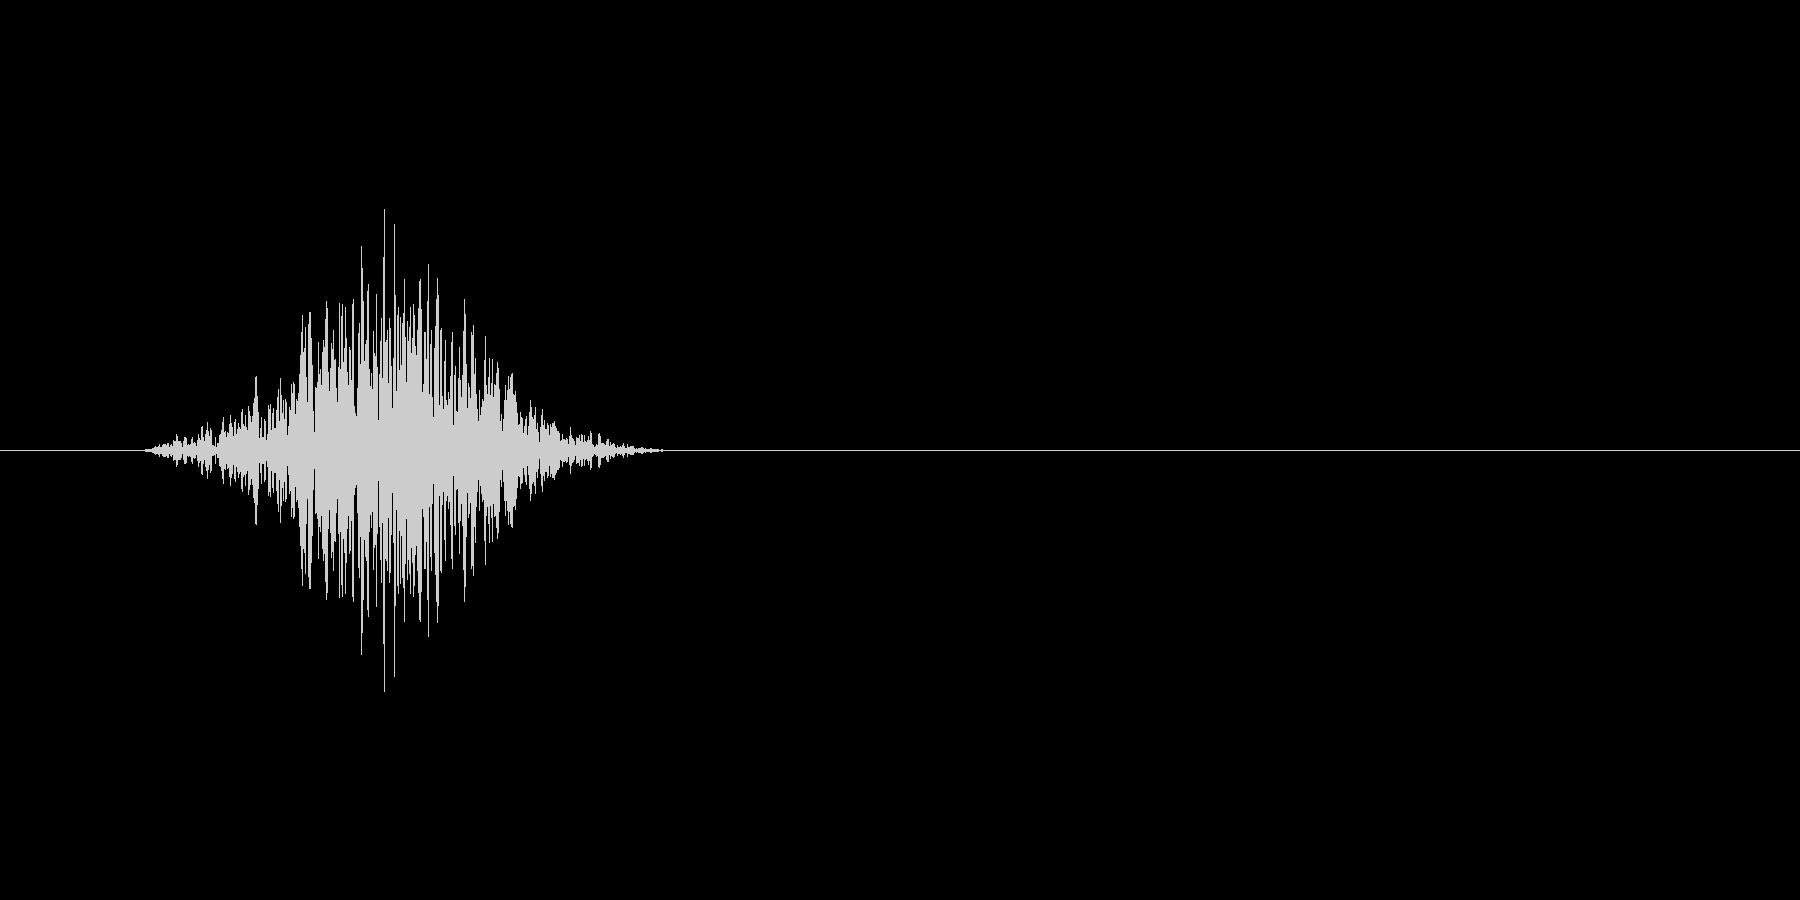 スワイプ.タップ.ページ送り音 01の未再生の波形